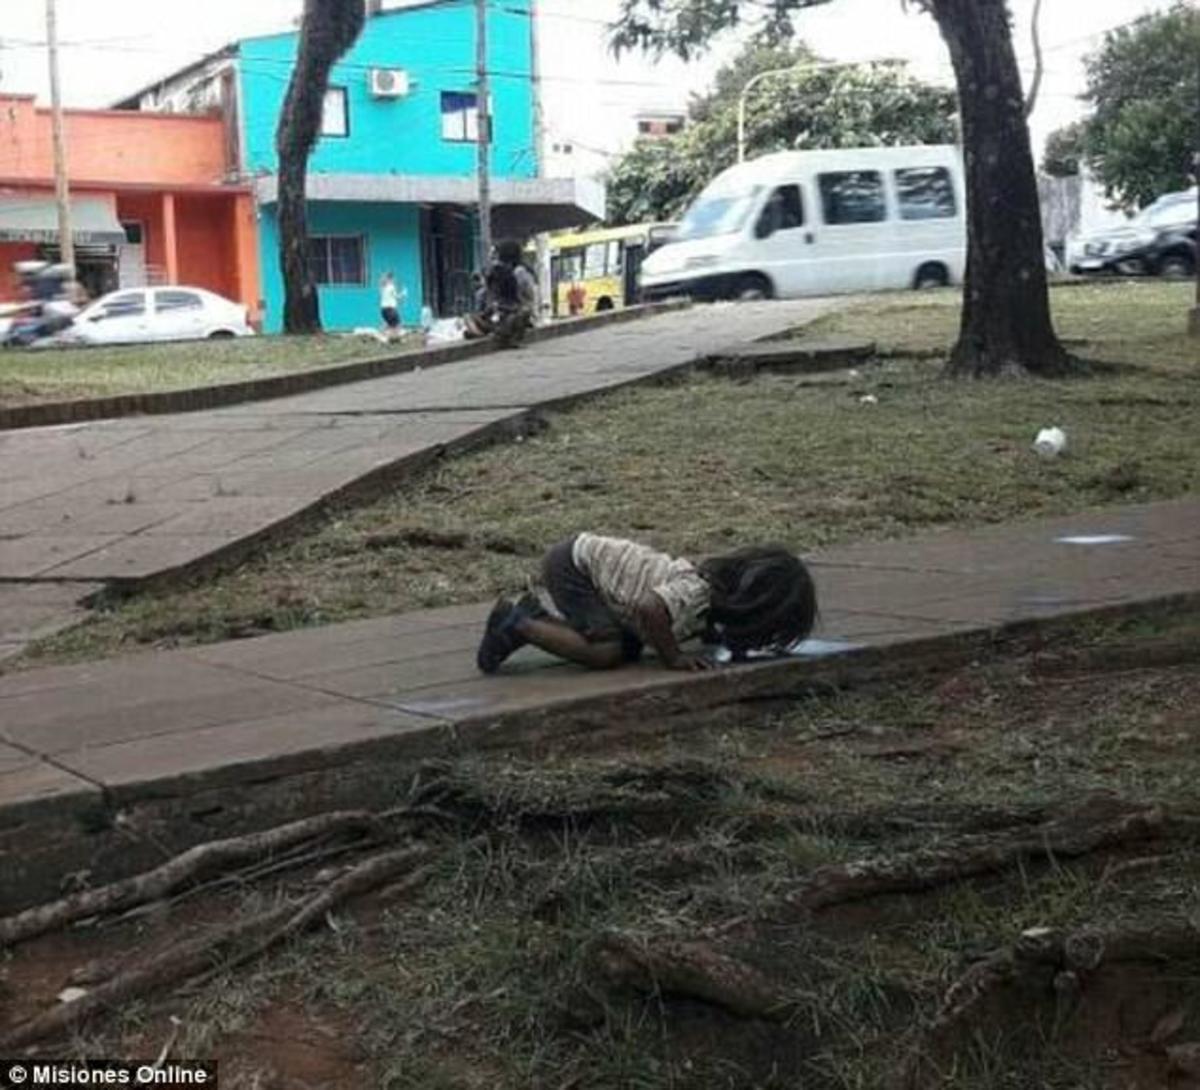 Το κοριτσάκι που πίνει νερό από το έδαφος! Εικόνα που σοκάρει